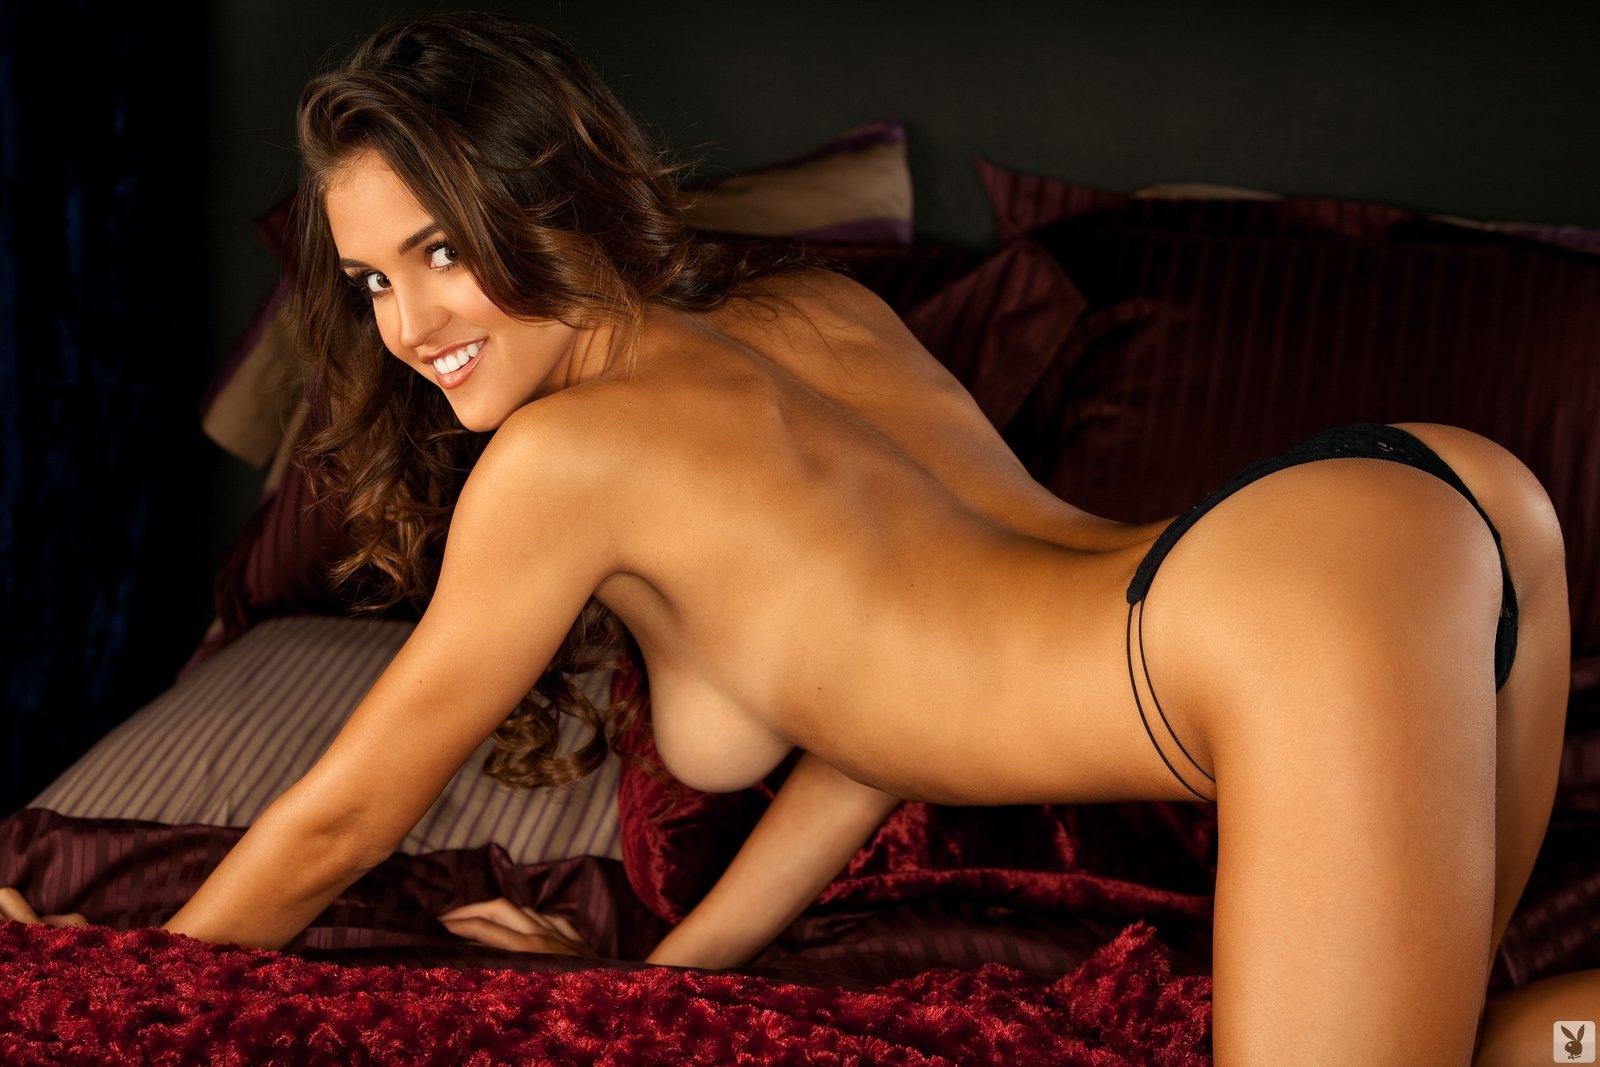 sexy babes sex hq photos